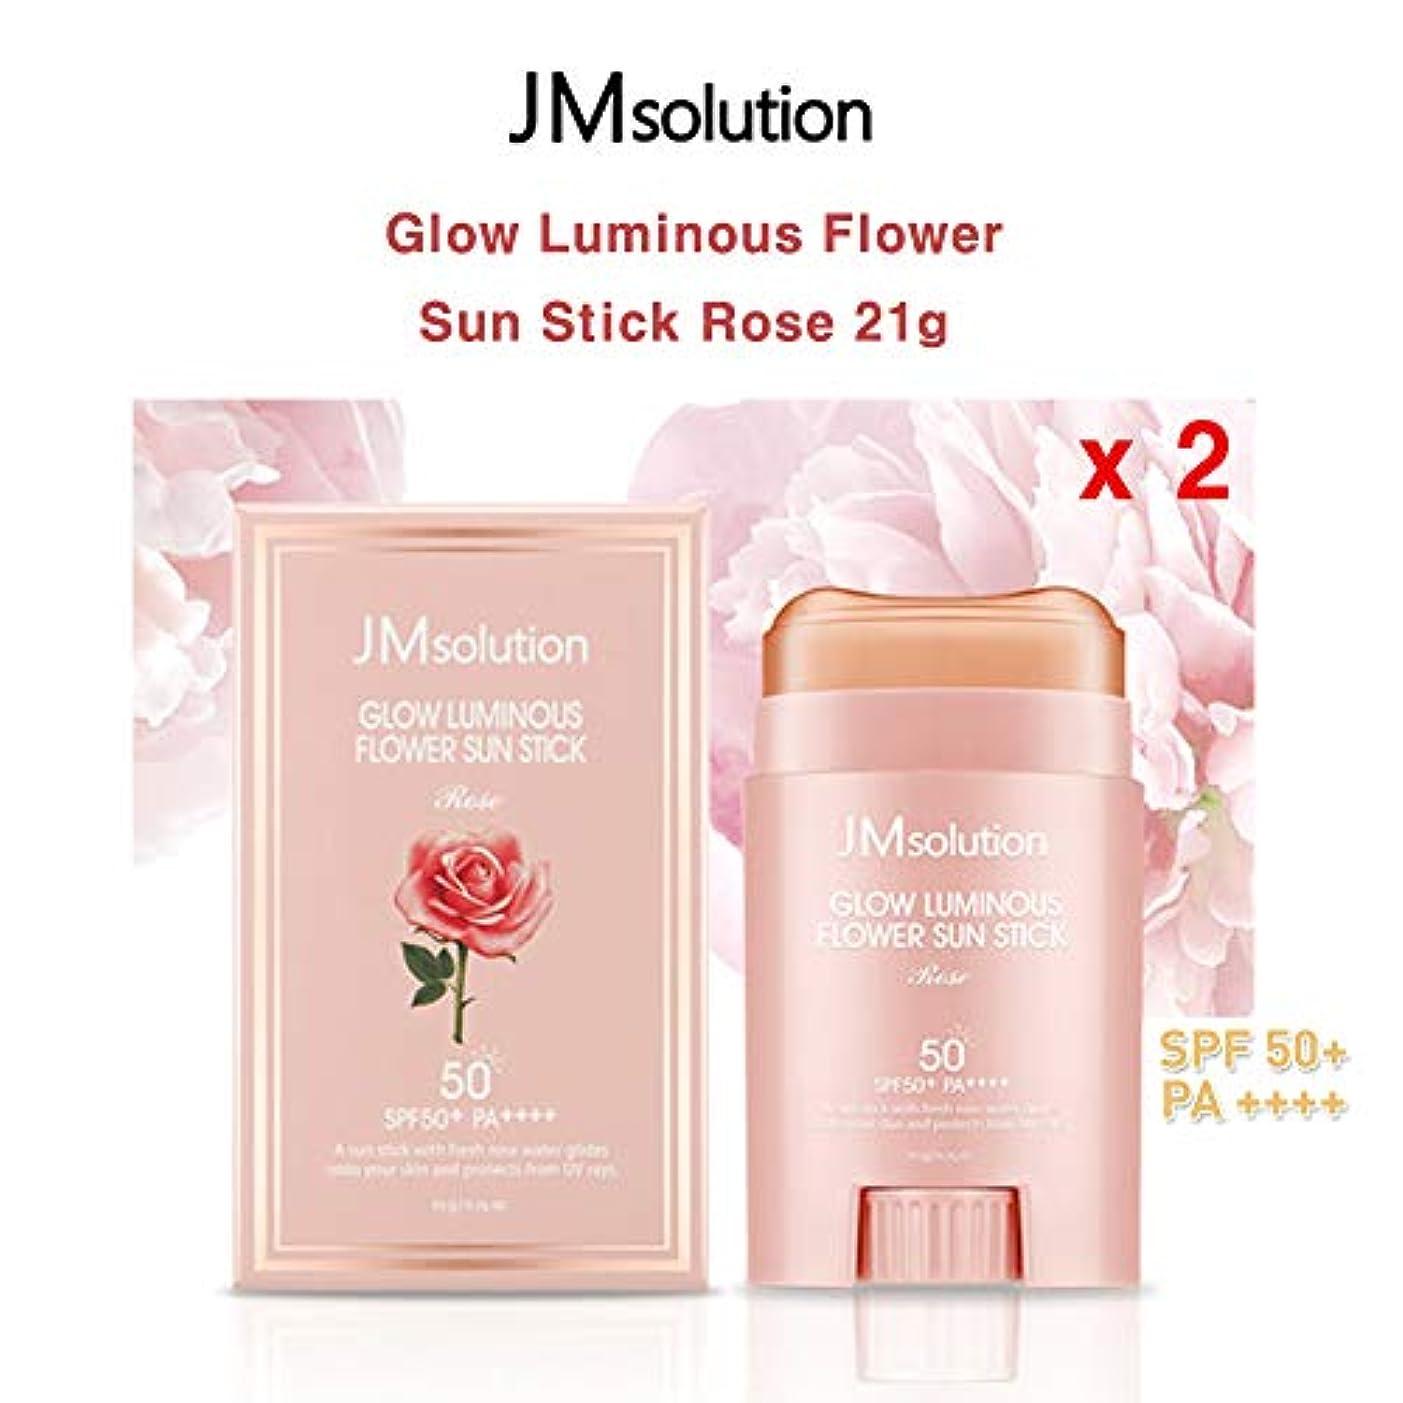 新鮮な発言する前述のJM Solution ★1+1★ Glow Luminous Flower Sun Stick Rose 21g (spf50 PA) 光る輝く花Sun Stick Rose